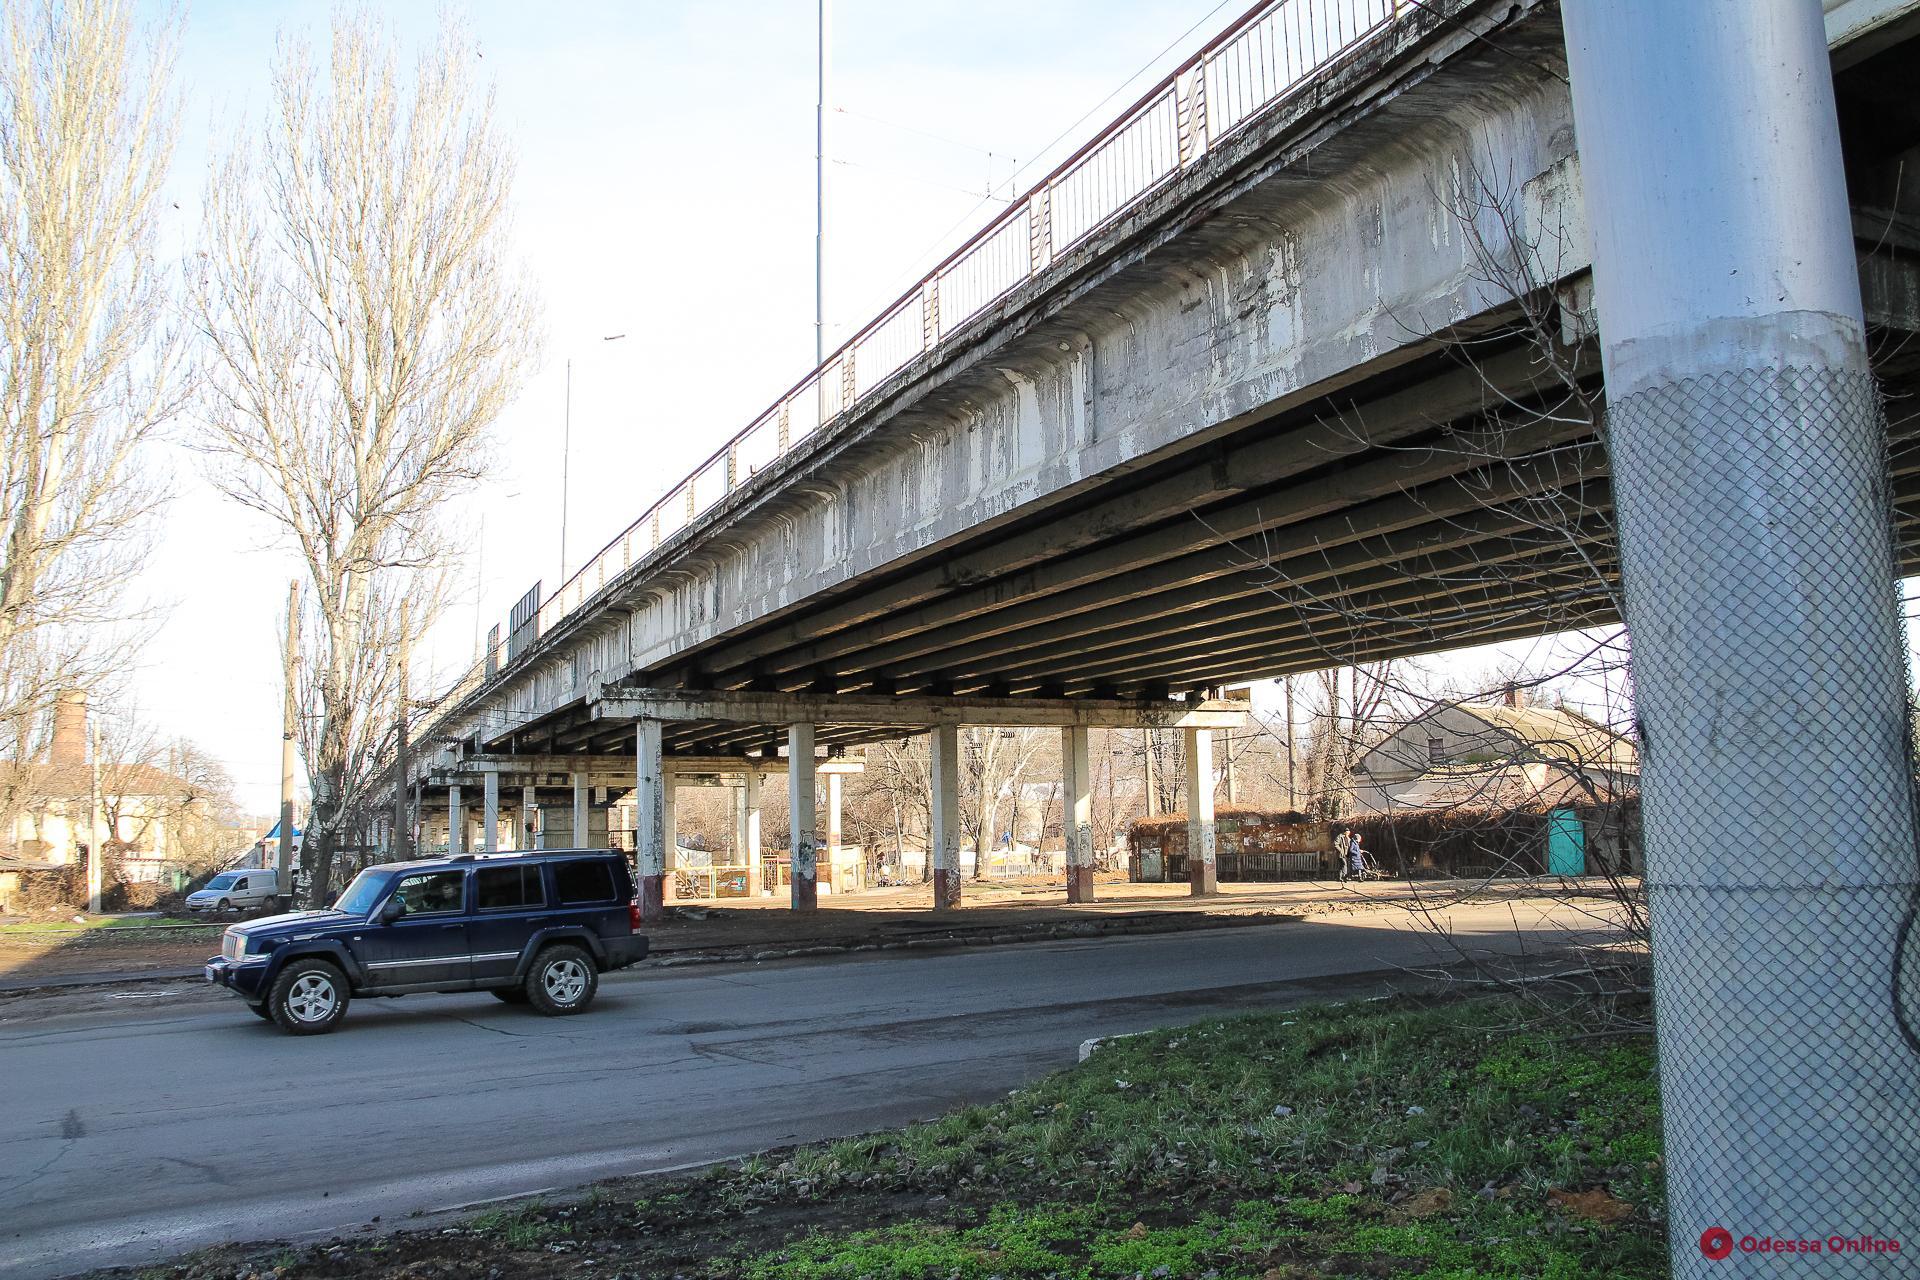 Пытался проехать по Ивановскому мосту, игнорируя запрет: водитель грузовика предлагал взятку патрульным